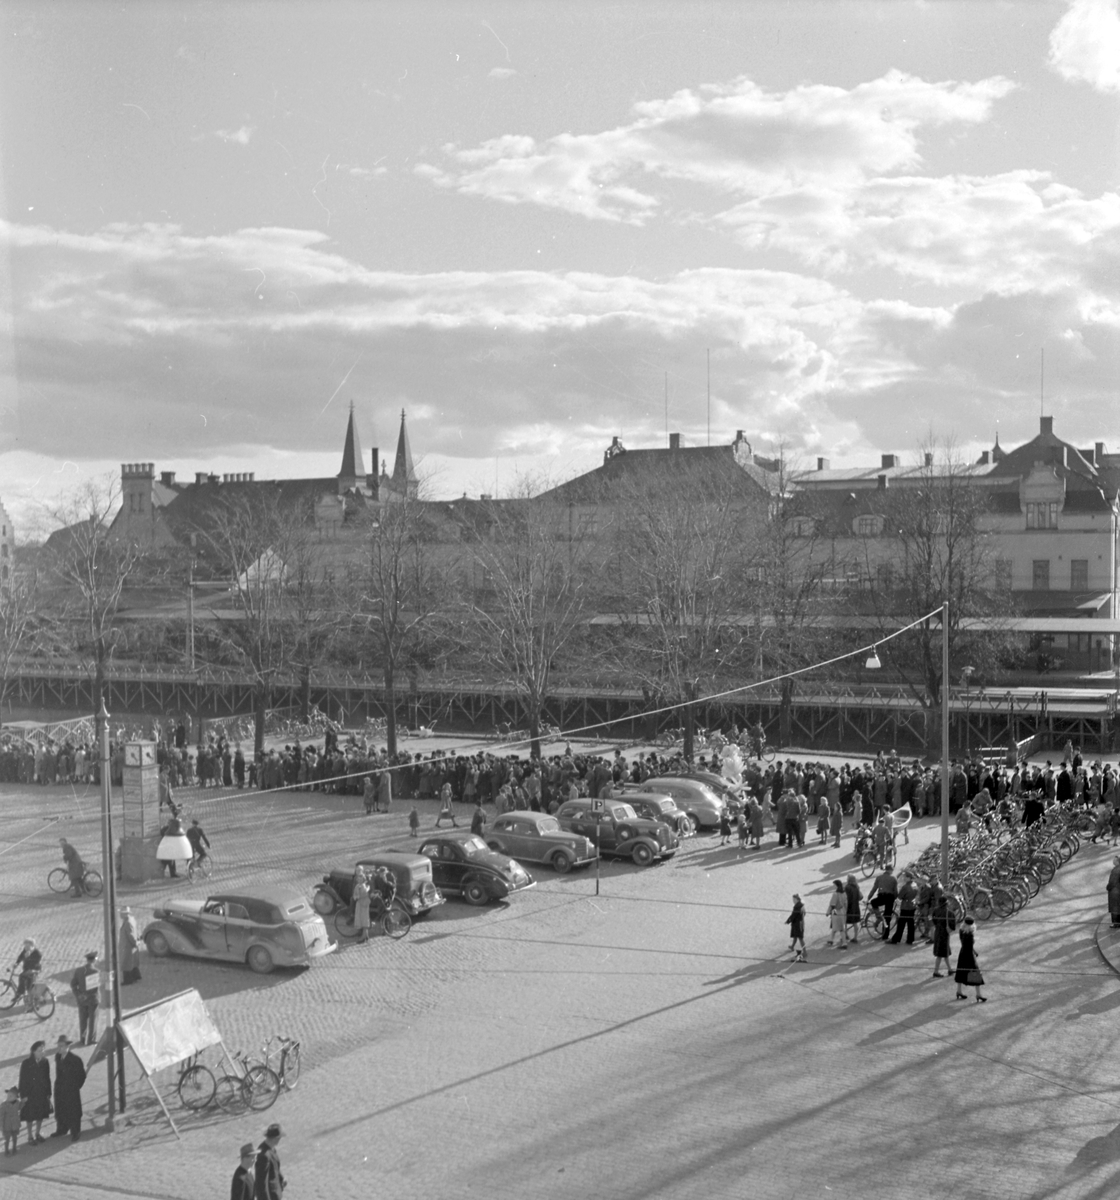 """Gävle Cirkusen har kommit till stan! Ungdomscirkusen från Furuvik """"Tusen & en natt"""". 22 april På Fisktorget/Hamntorget står cirkusvagnarna  vid cirkustältet. Besökarna strömmar till"""